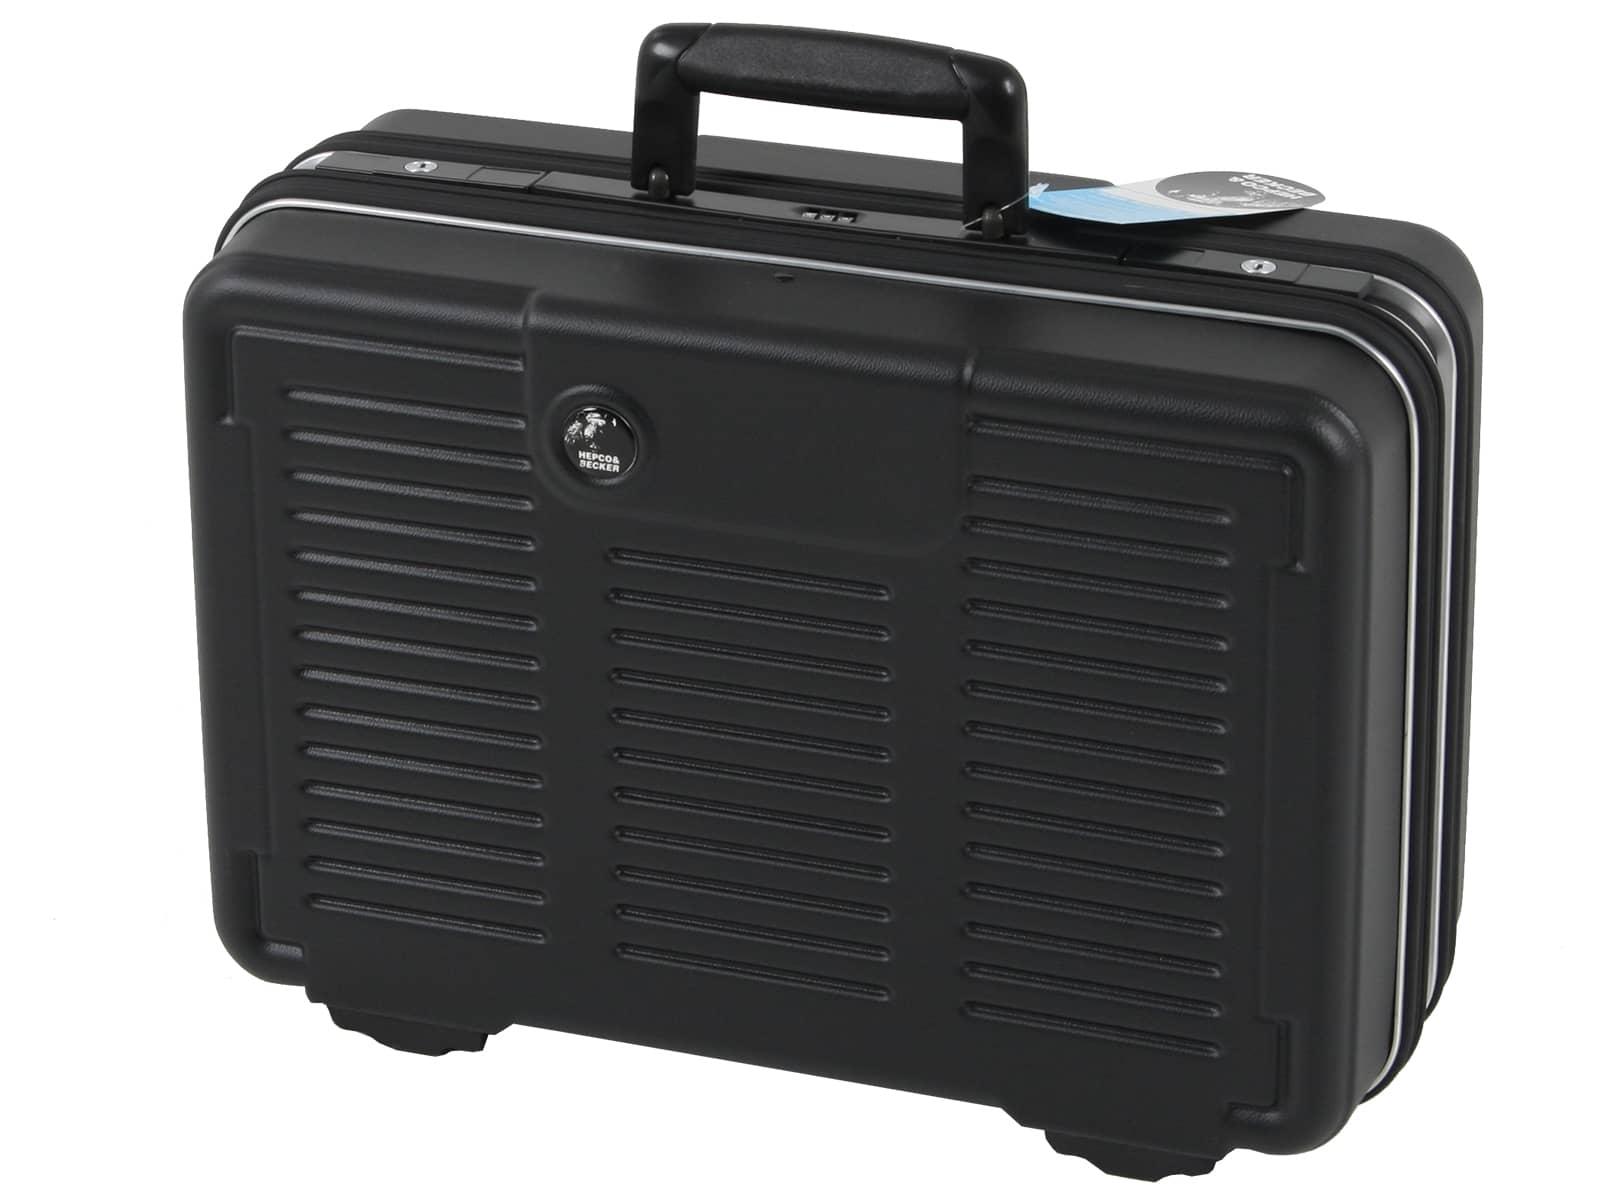 Werkzeugkoffer Future 5212 ABS Pro 25 ltr. Leerkoffer L